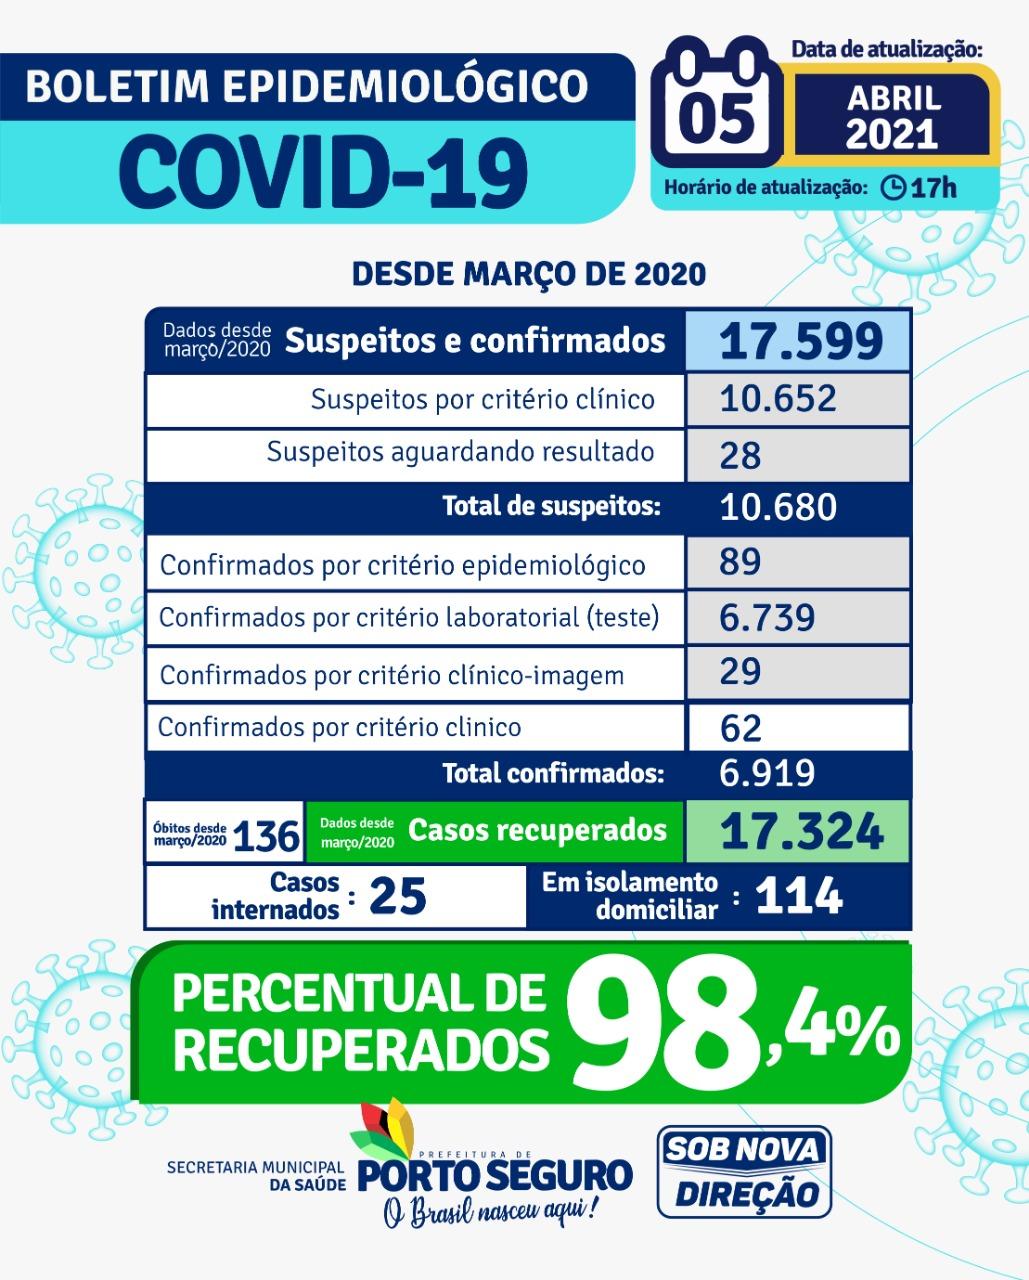 PORTO SEGURO: Boletim Coronavírus 05/abril 24